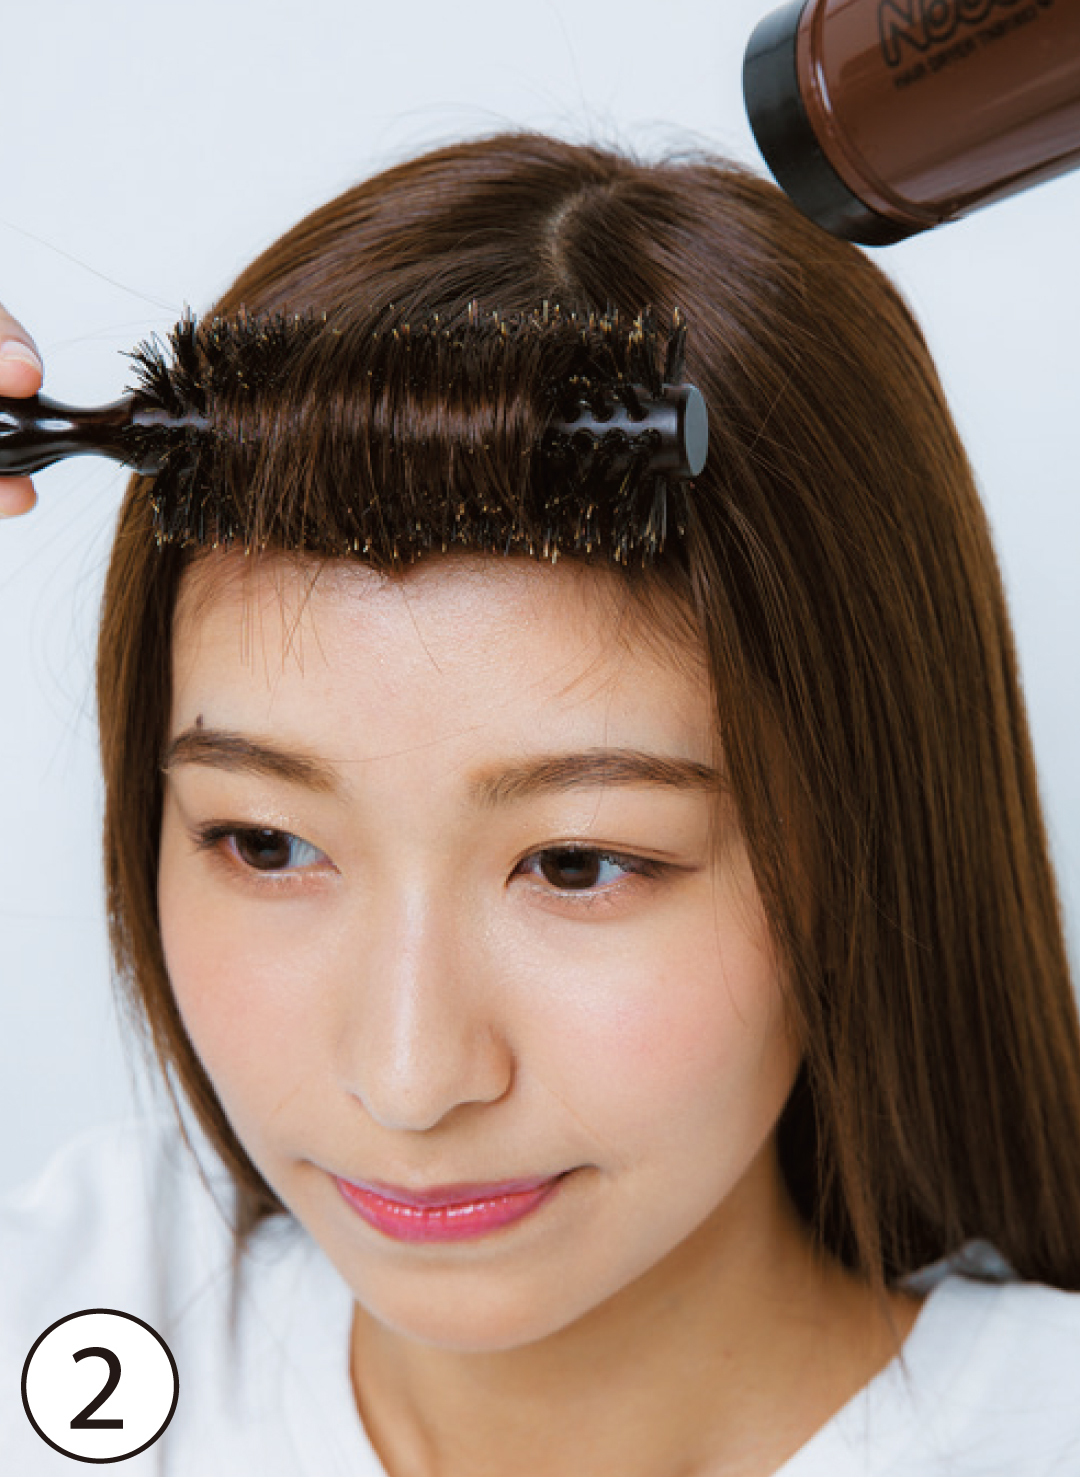 ②内巻きブローで柔らかな丸みを 基本のスタイリング②の際には、ロールブラシで内巻きにブロー。直線的な印象は面長を強調するので、前髪にカーブを作って柔らかな雰囲気に。